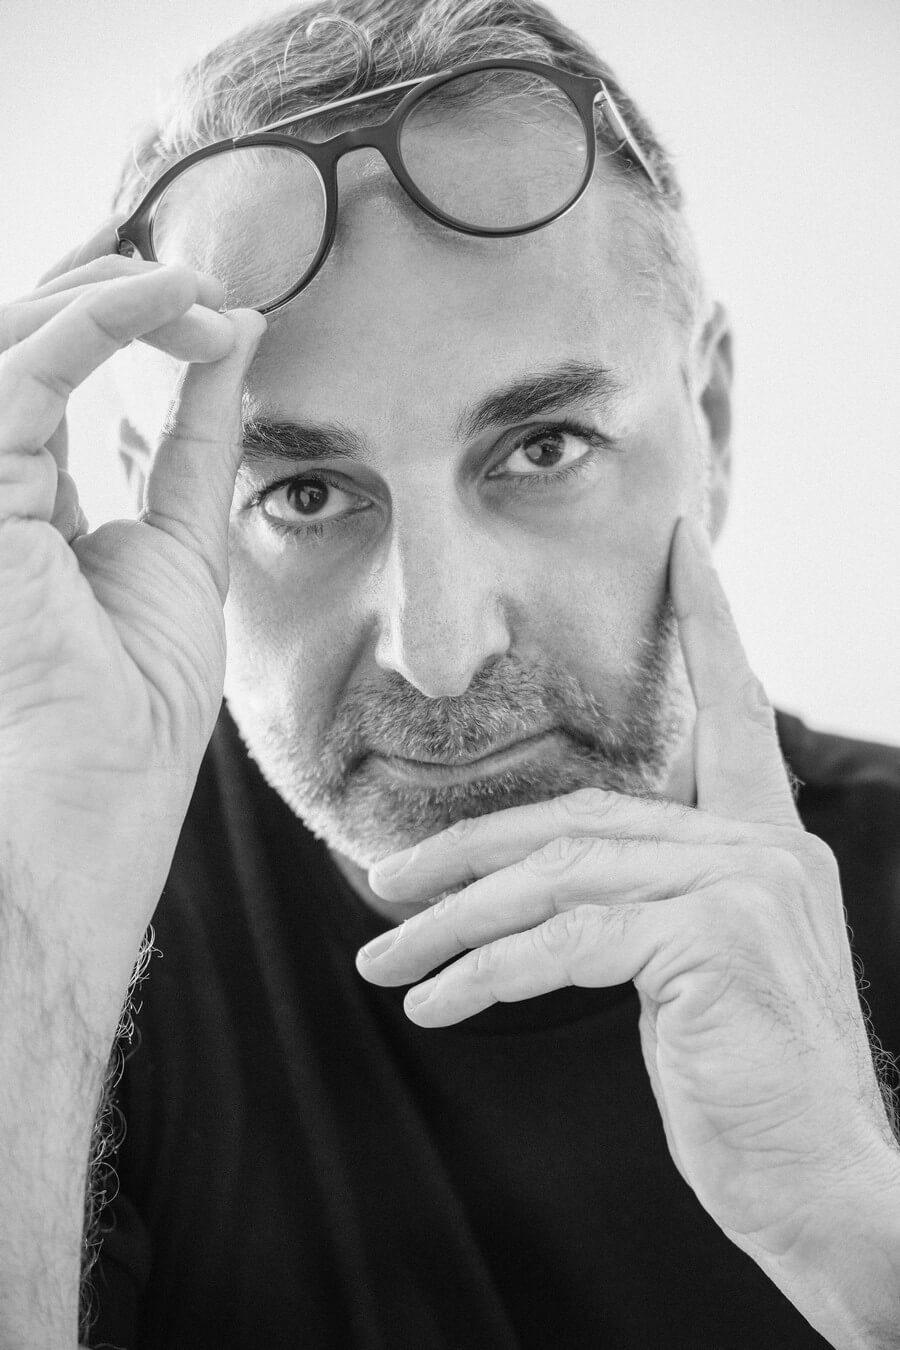 Mustafa Khamash from K.art Group